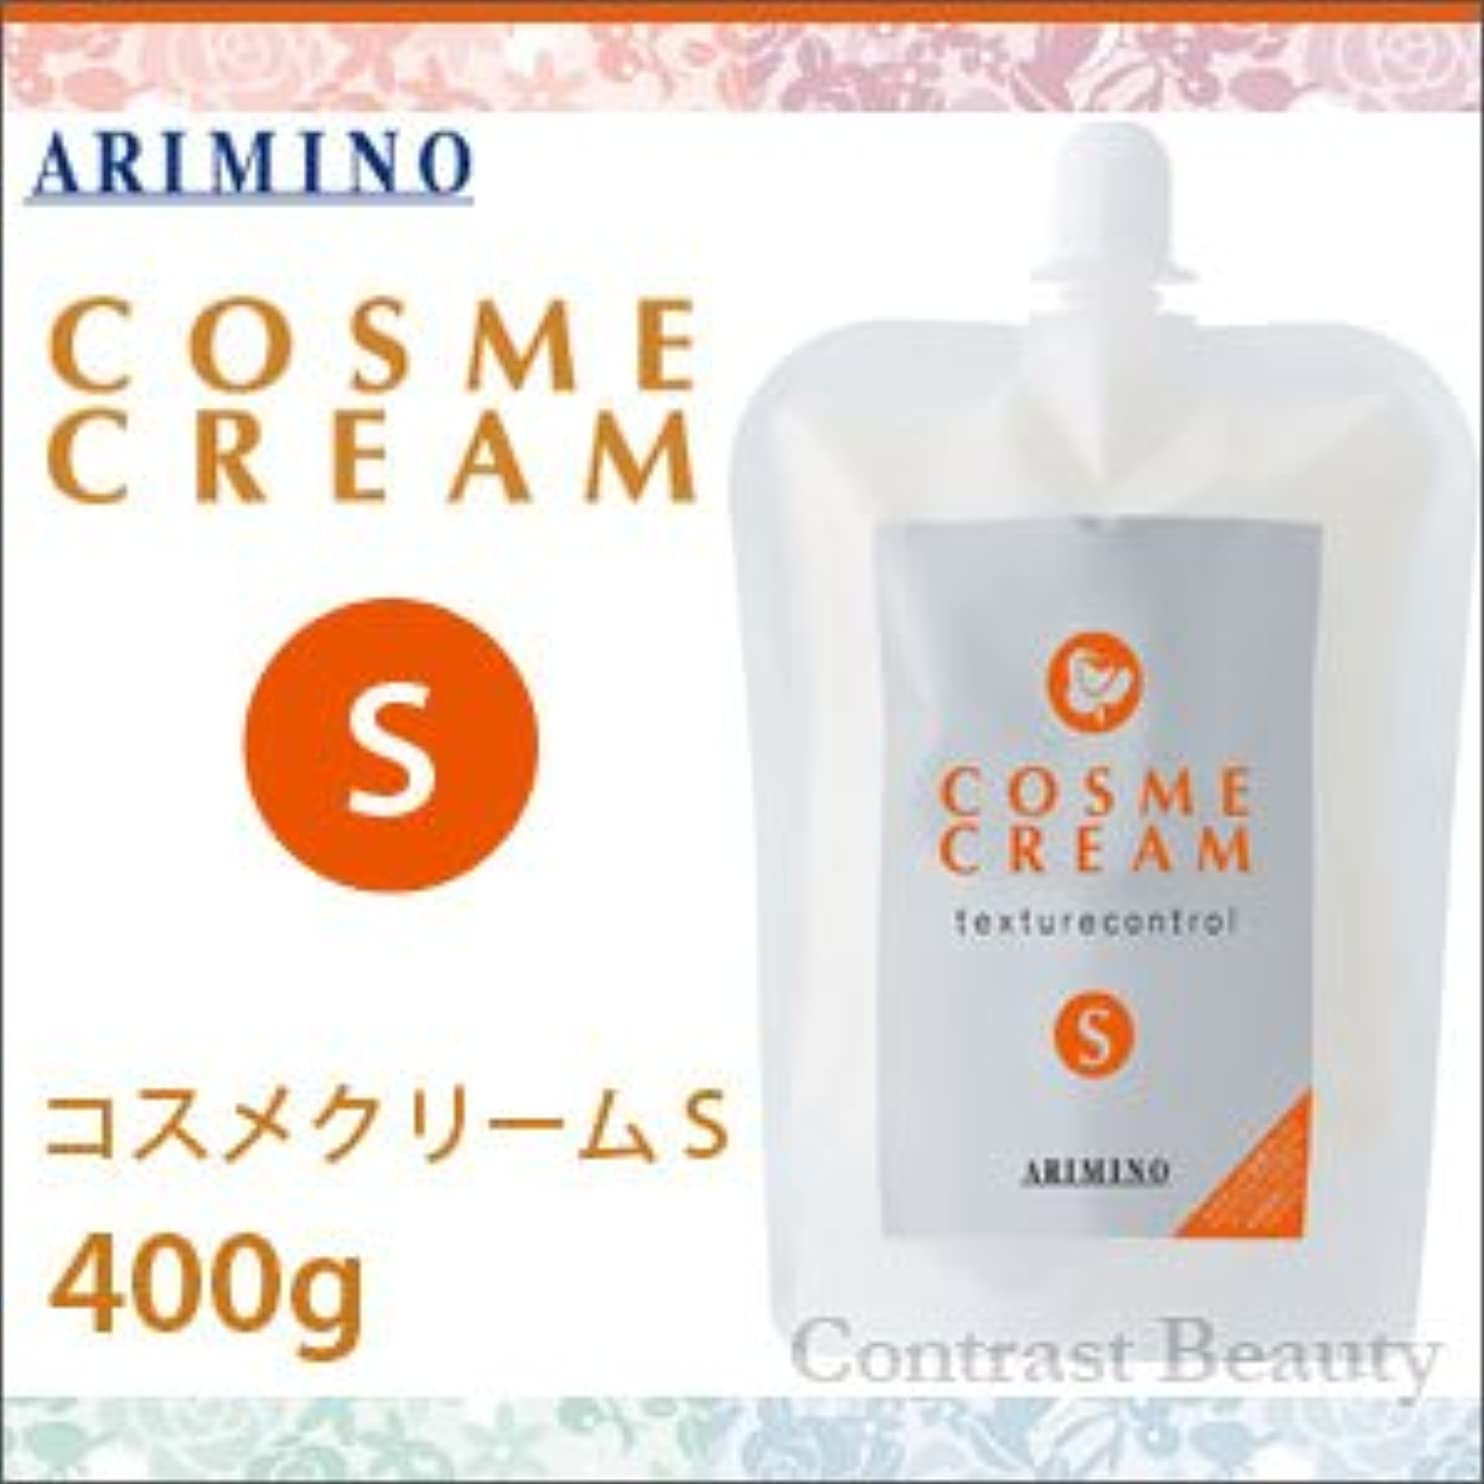 有限補うビタミン【X4個セット】 アリミノ コスメクリーム S 400g